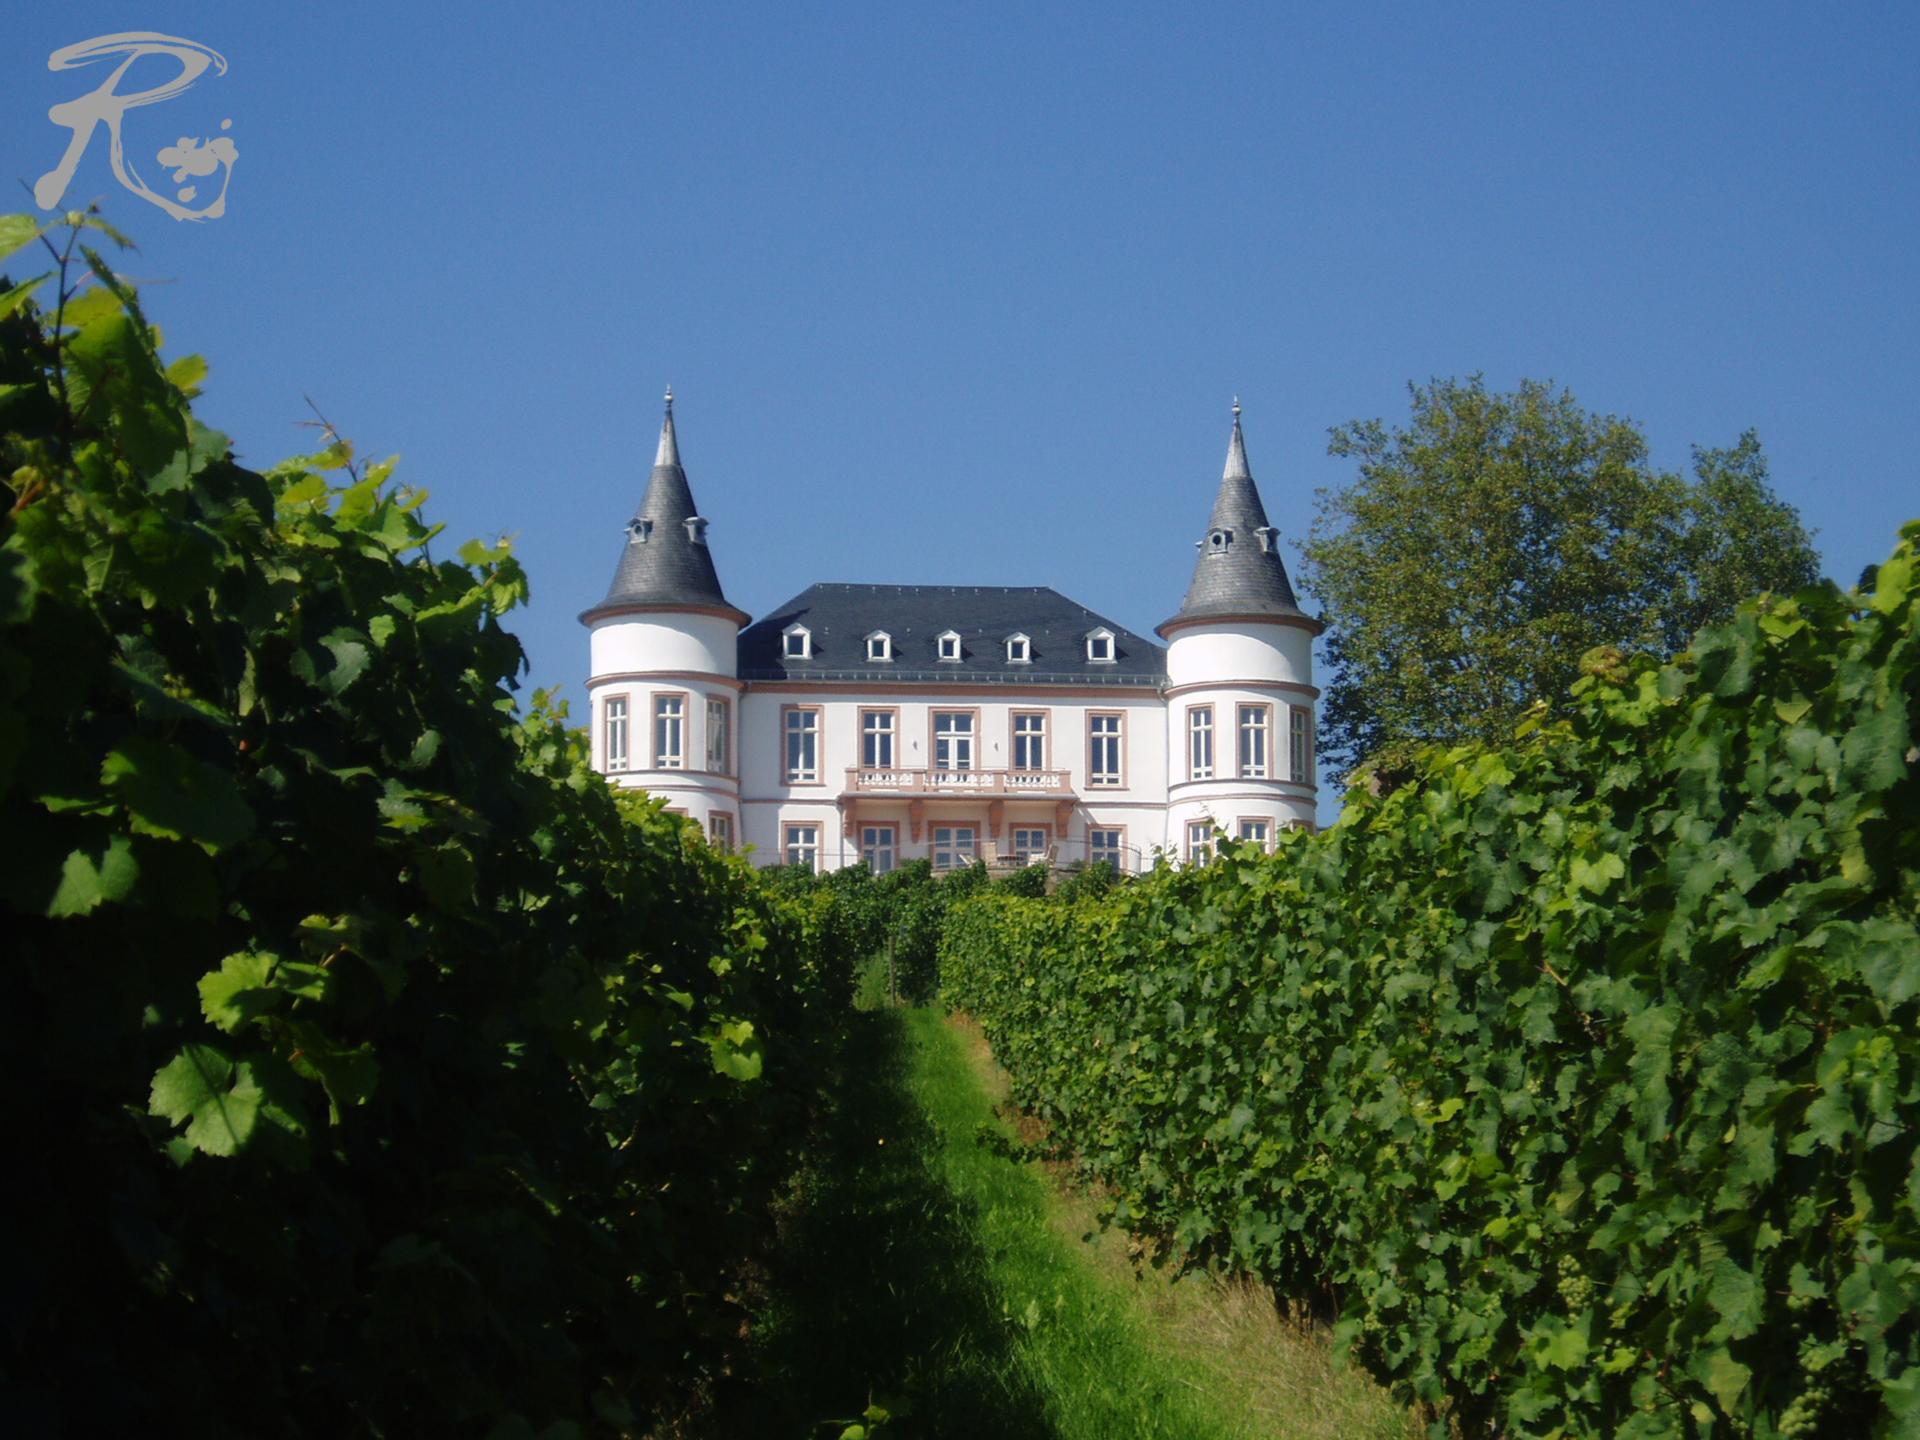 Hansenberg Castle